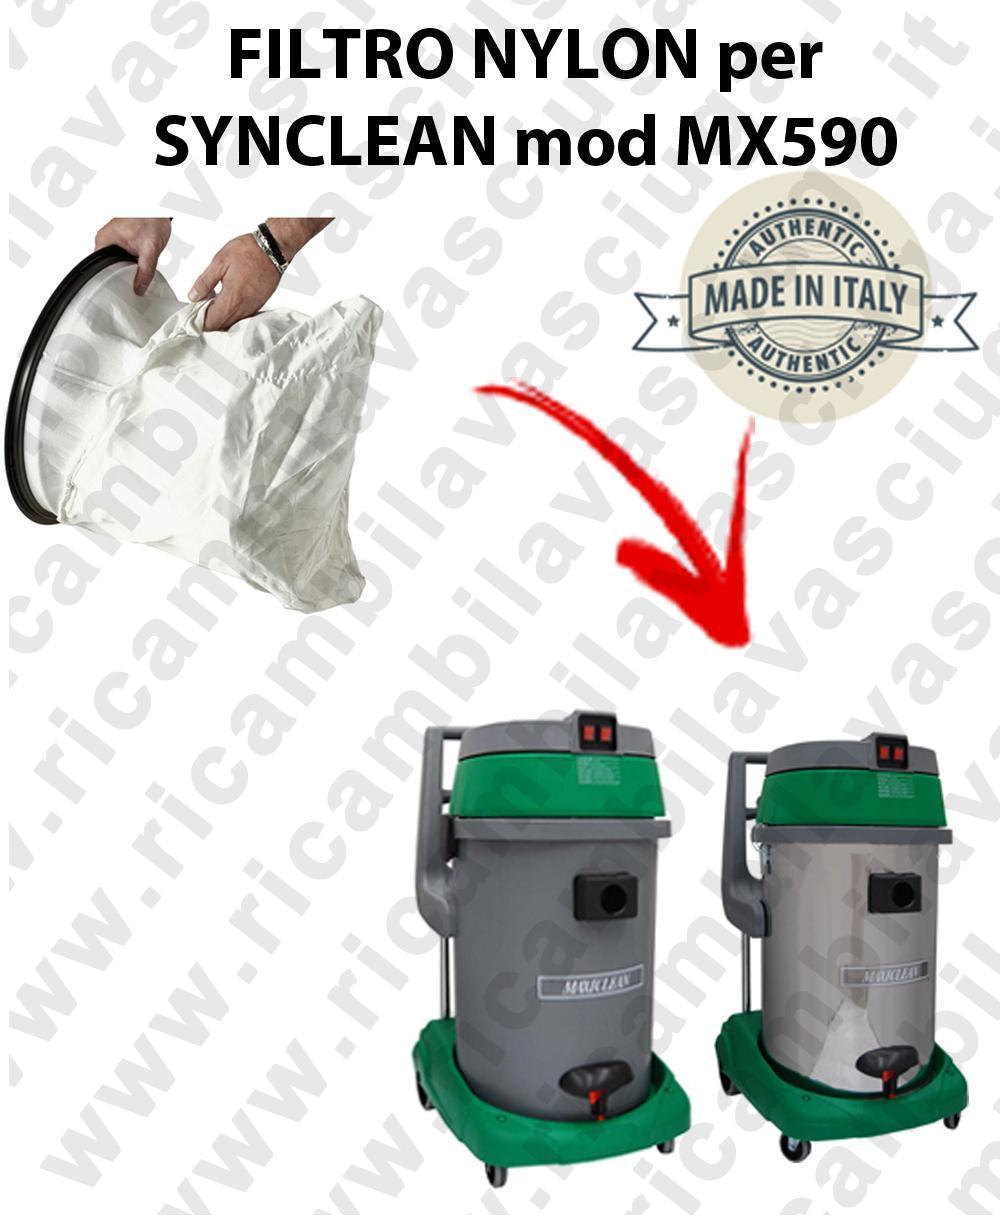 MX590 Nylonfilter für Staubsauger SYNCLEAN